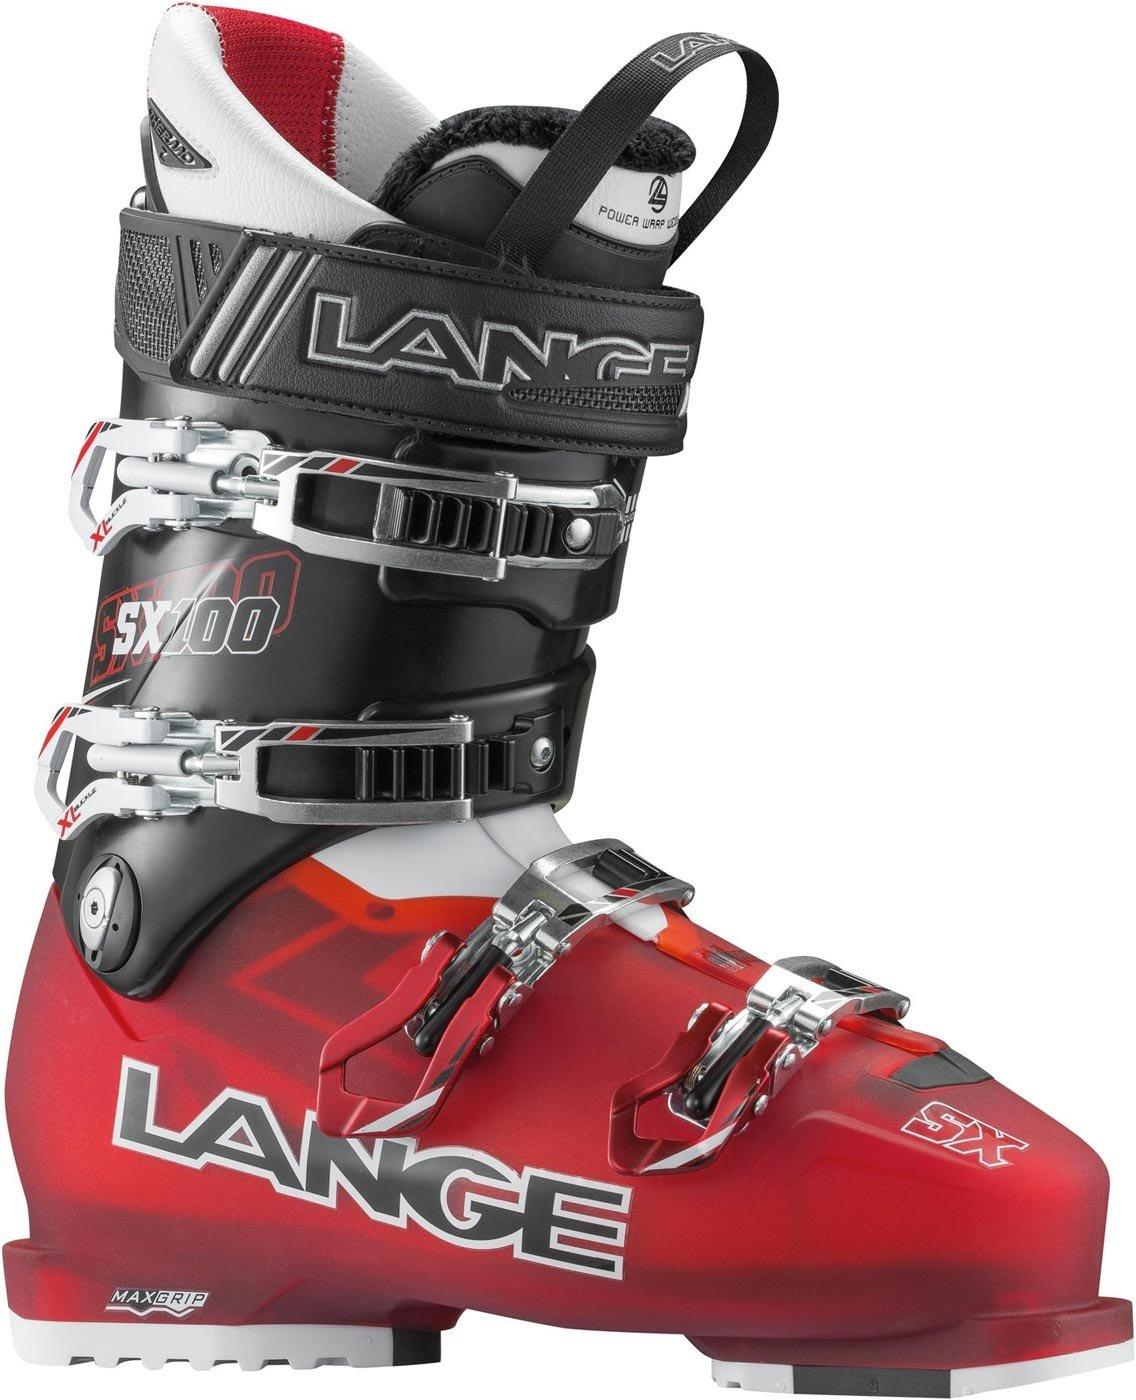 10665ee63f La bota para pista Lange SX 100 es ideal para esquiadores atléticos que  buscan el confort y la facilidad de uso de una bota de 102mm sin tener que  renunciar ...